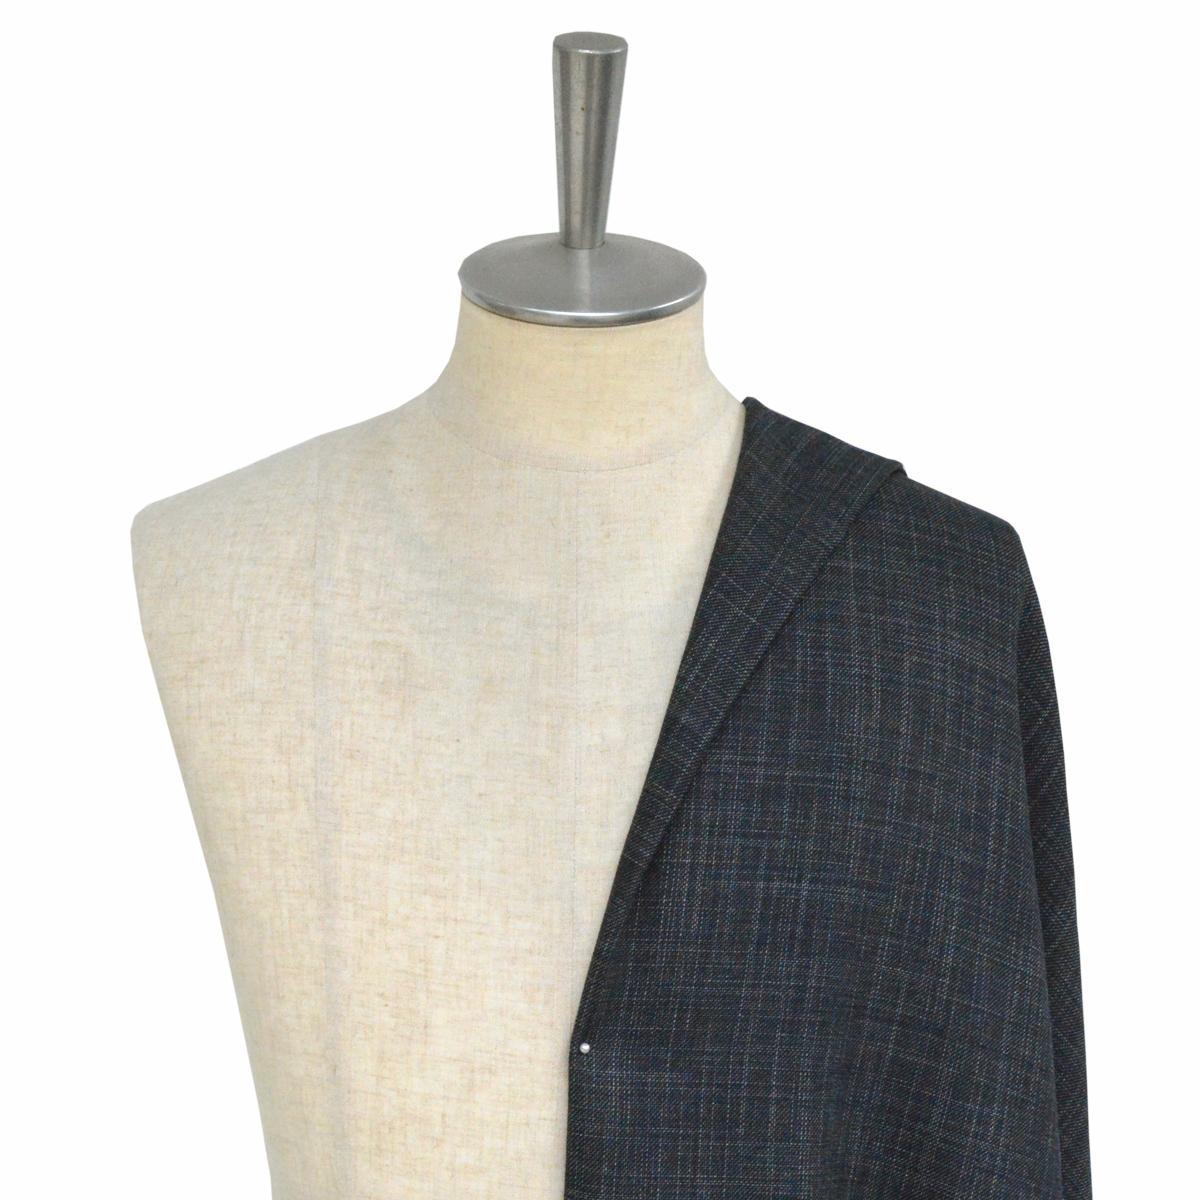 [オーダーレディーススーツ スカートセット]【GUABELLO】艶があり軽くて着心地の良さが特徴